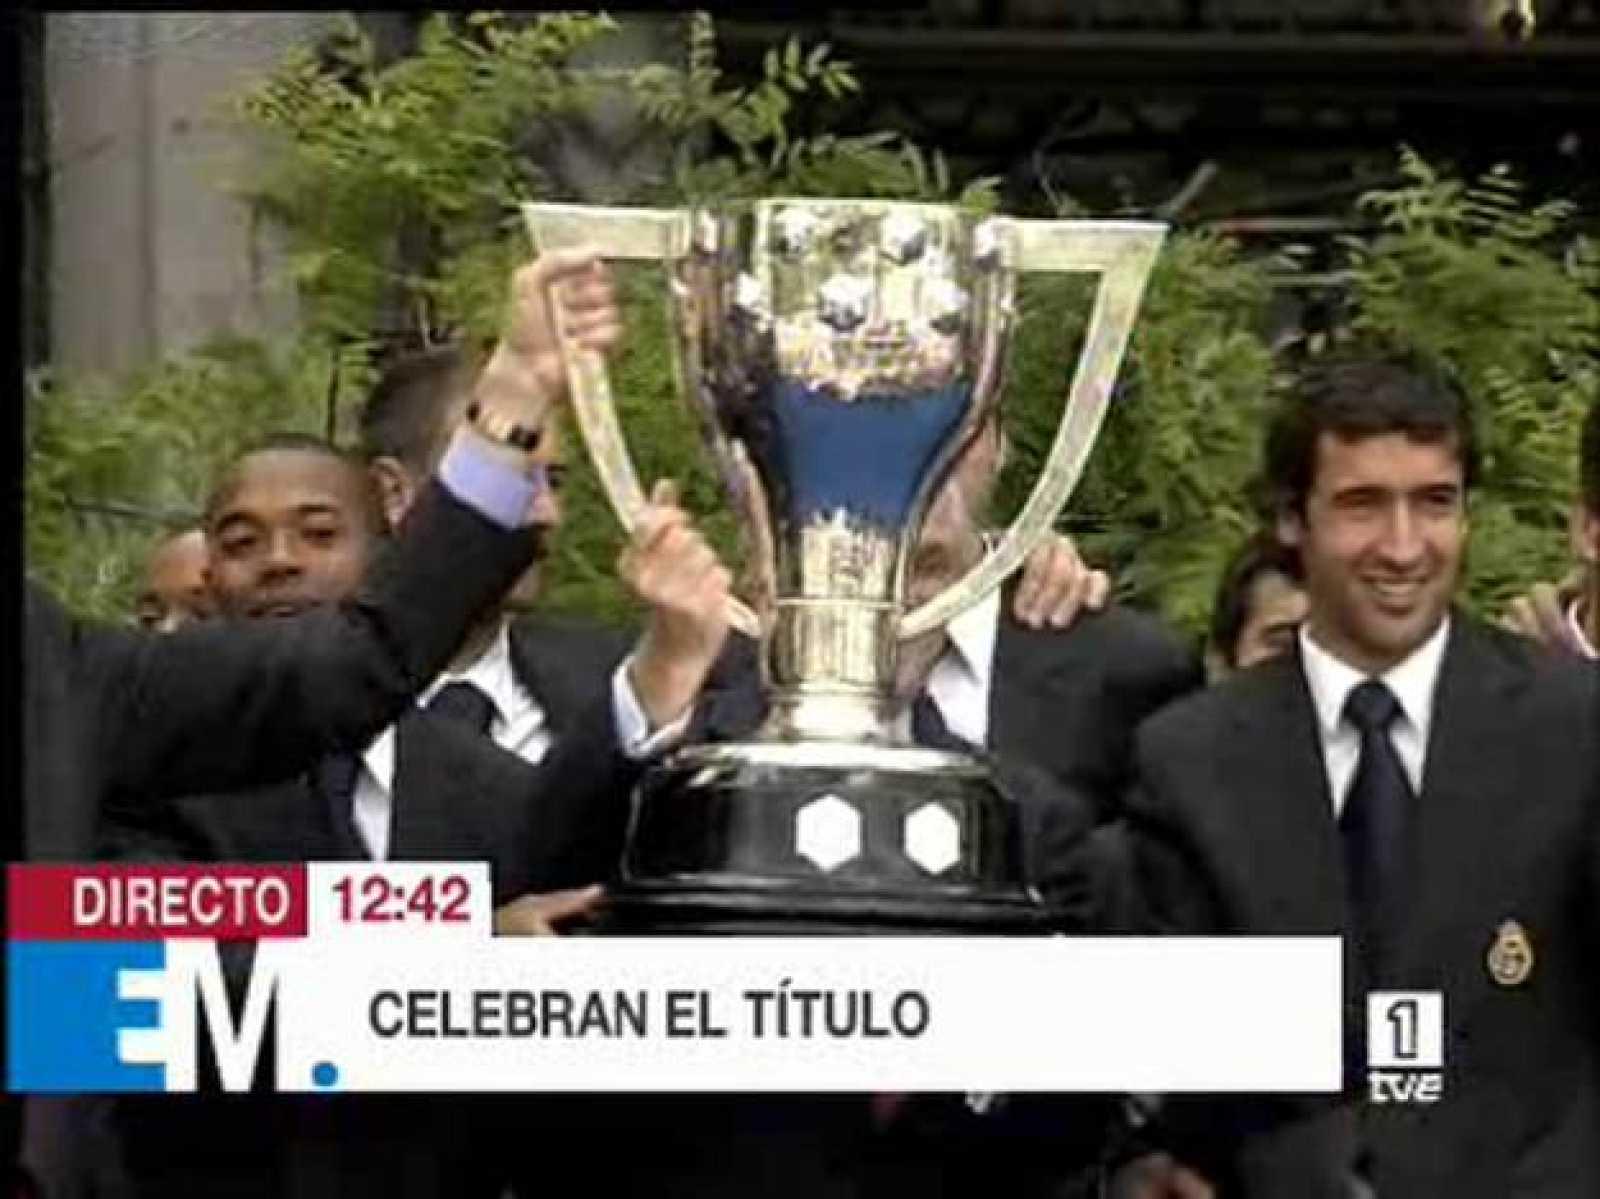 El equipo del Madrid celebra su título de Liga en el Ayuntamiento de la ciudad